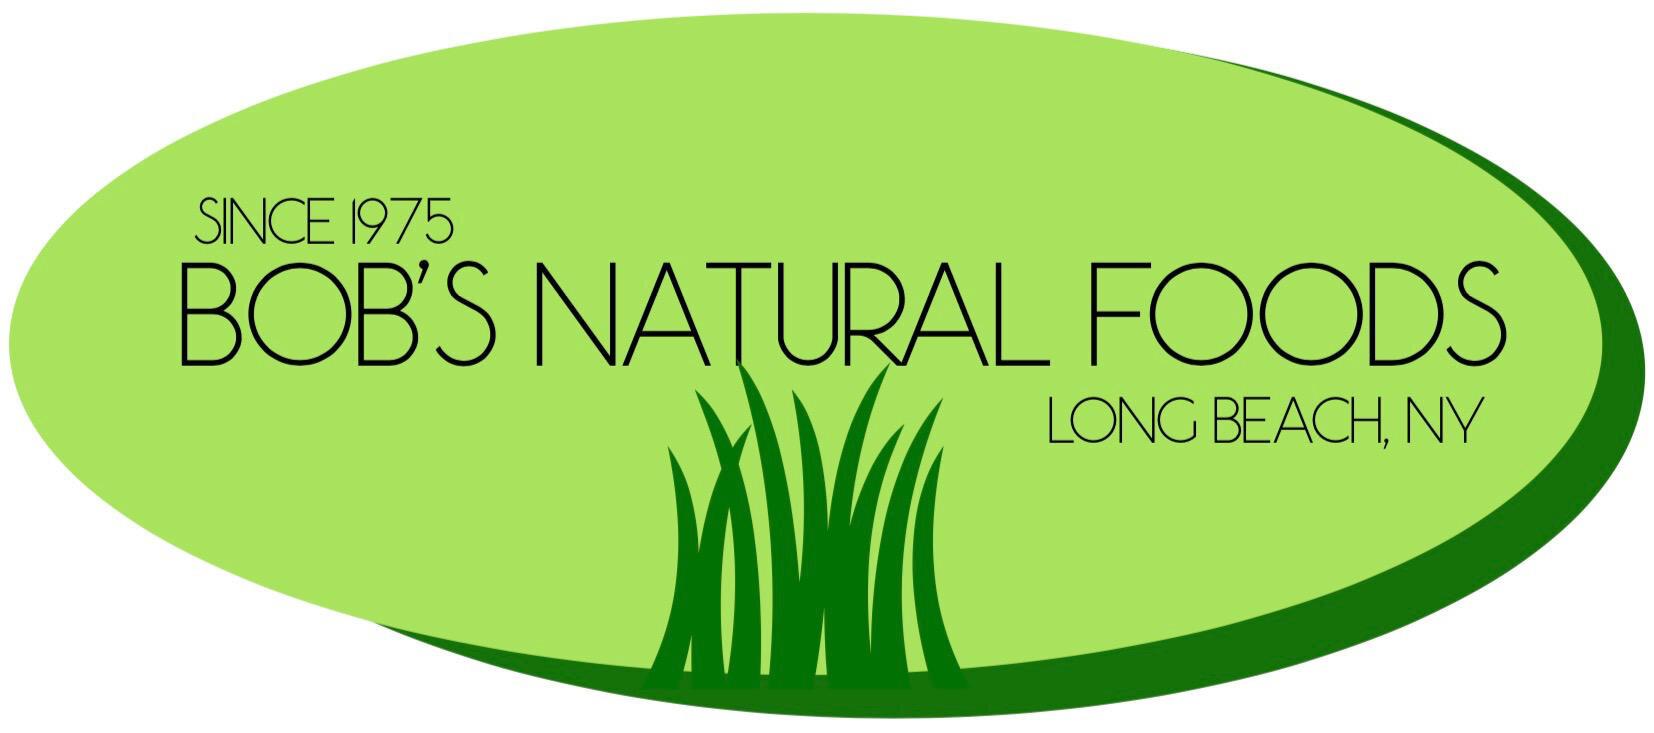 Bob's Natural Foods - 104 W Park Ave, Long Beach, NY 11561